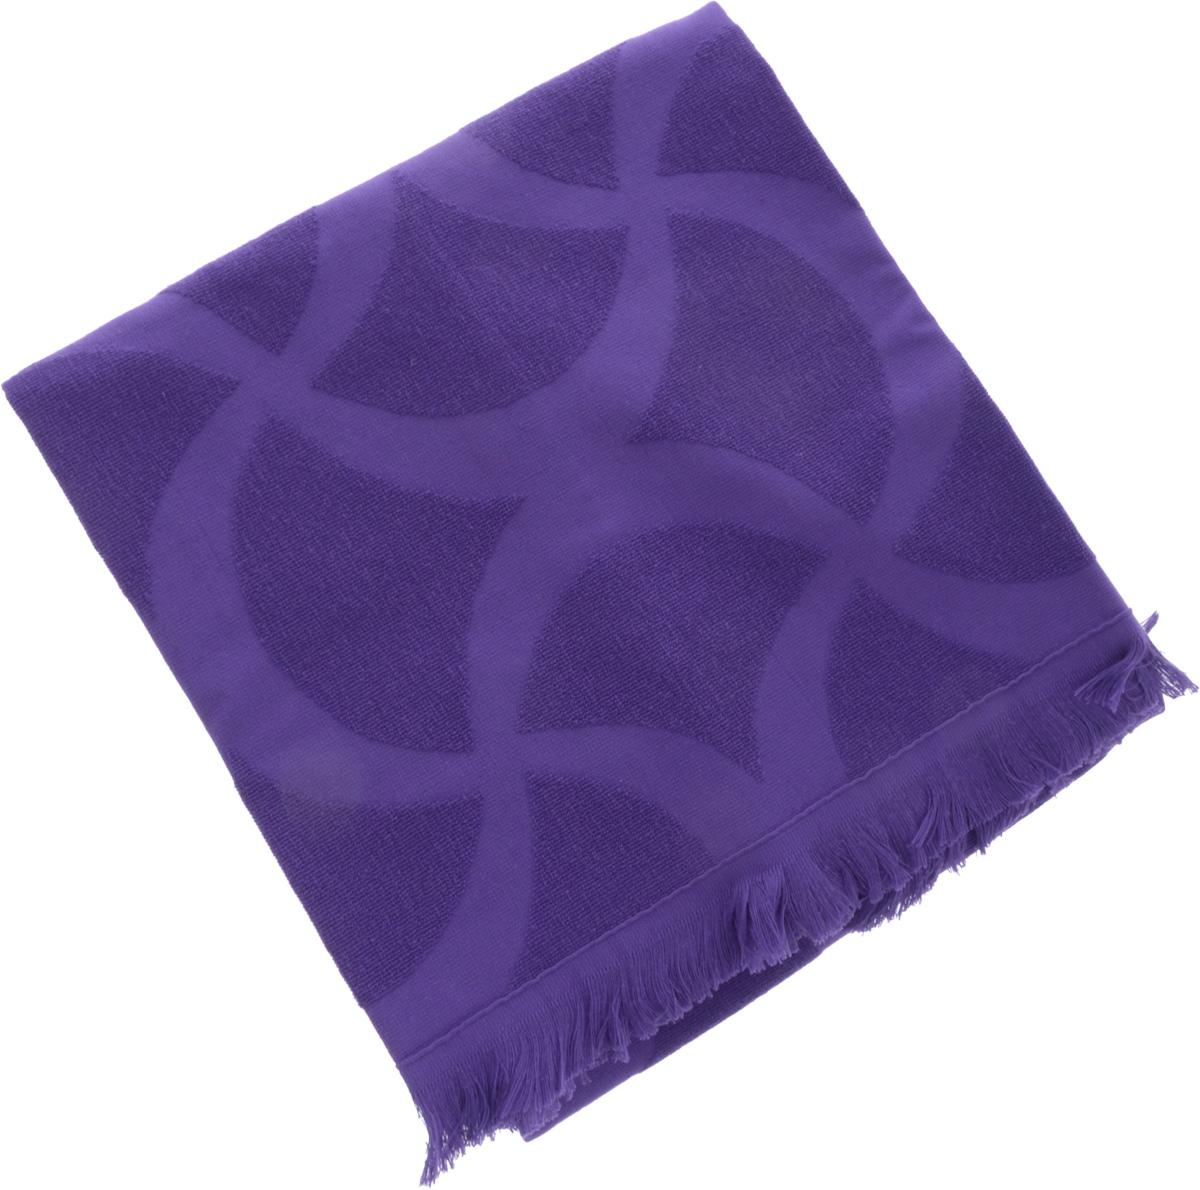 Полотенце Issimo Home Rondelle, цвет: фиолетовый, 50 x 90 смS03301004Полотенце Issimo Home Rondelle выполнено из 100% хлопка. Изделие отлично впитывает влагу, быстро сохнет, сохраняет яркость цвета и не теряет форму даже после многократных стирок. Полотенце очень практично и неприхотливо в уходе. Оно прекрасно дополнит интерьер ванной комнаты.